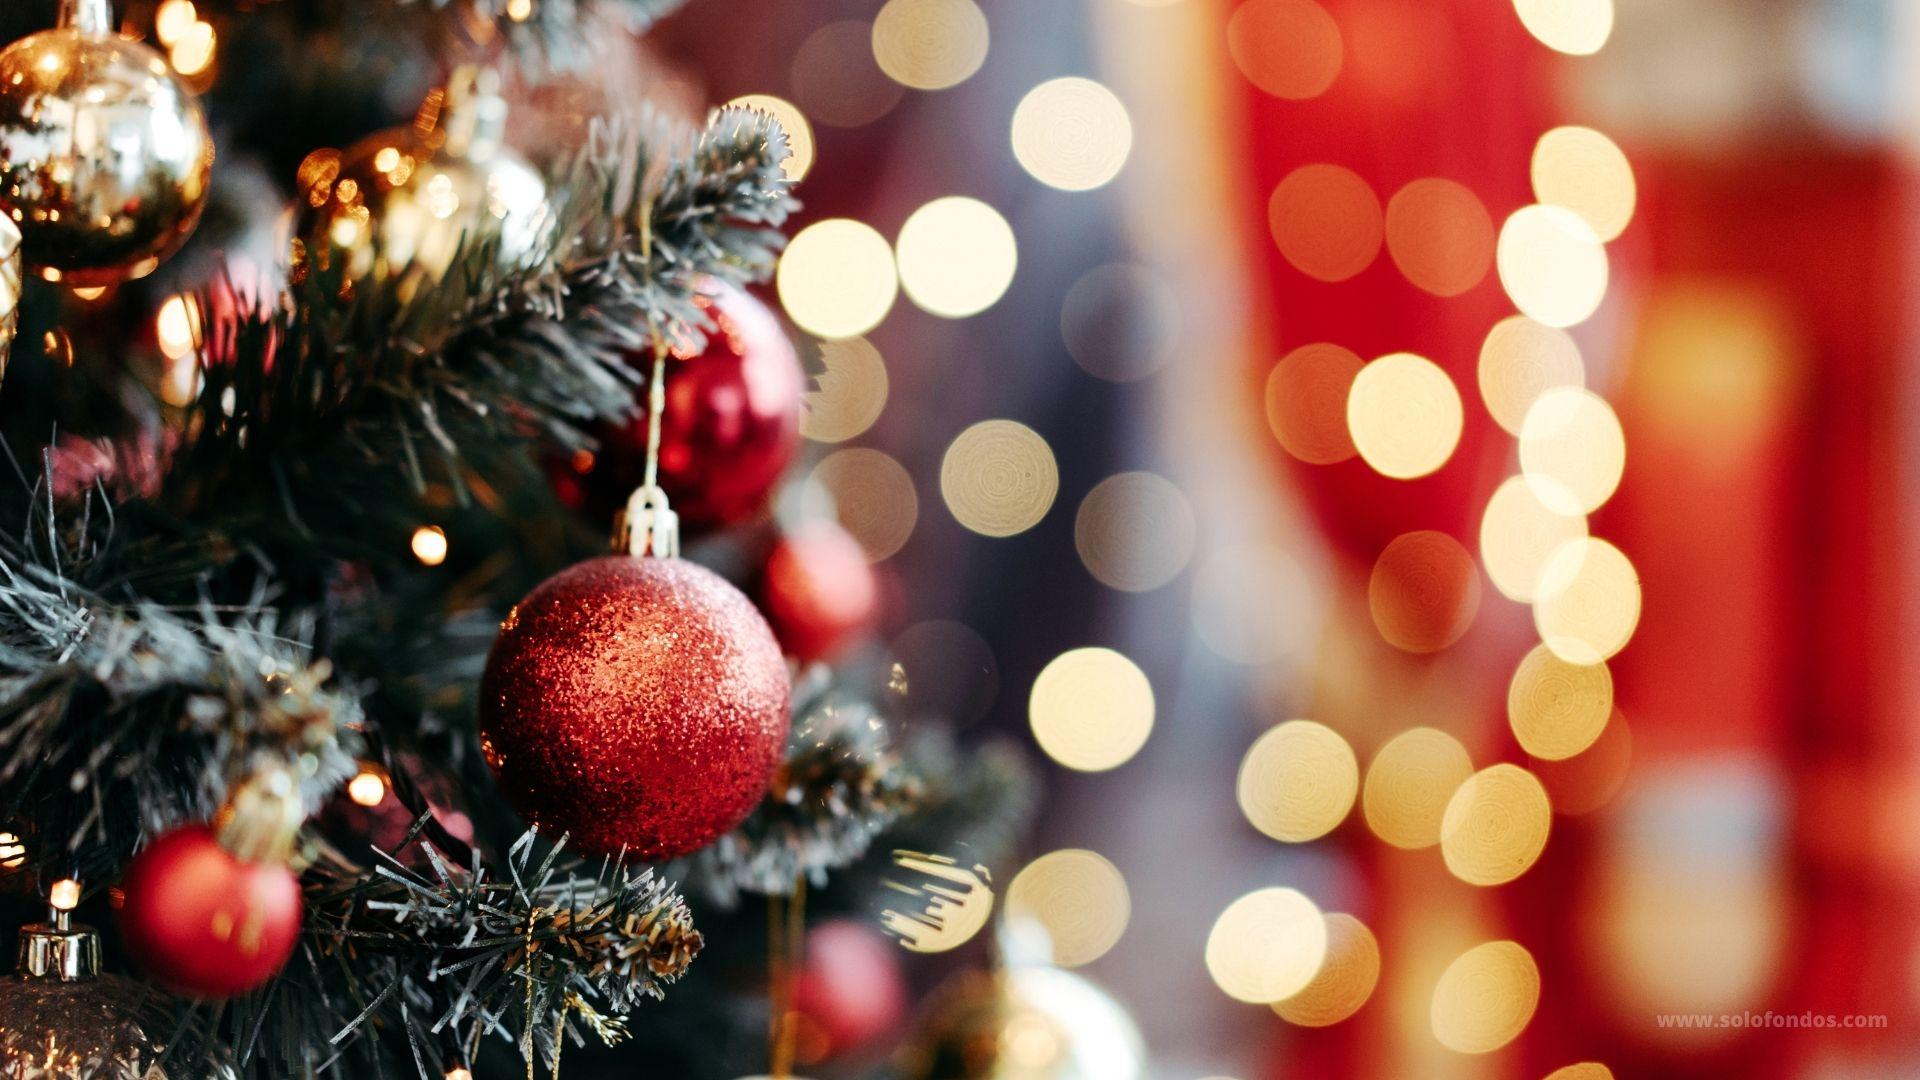 fondos navideños animados gif